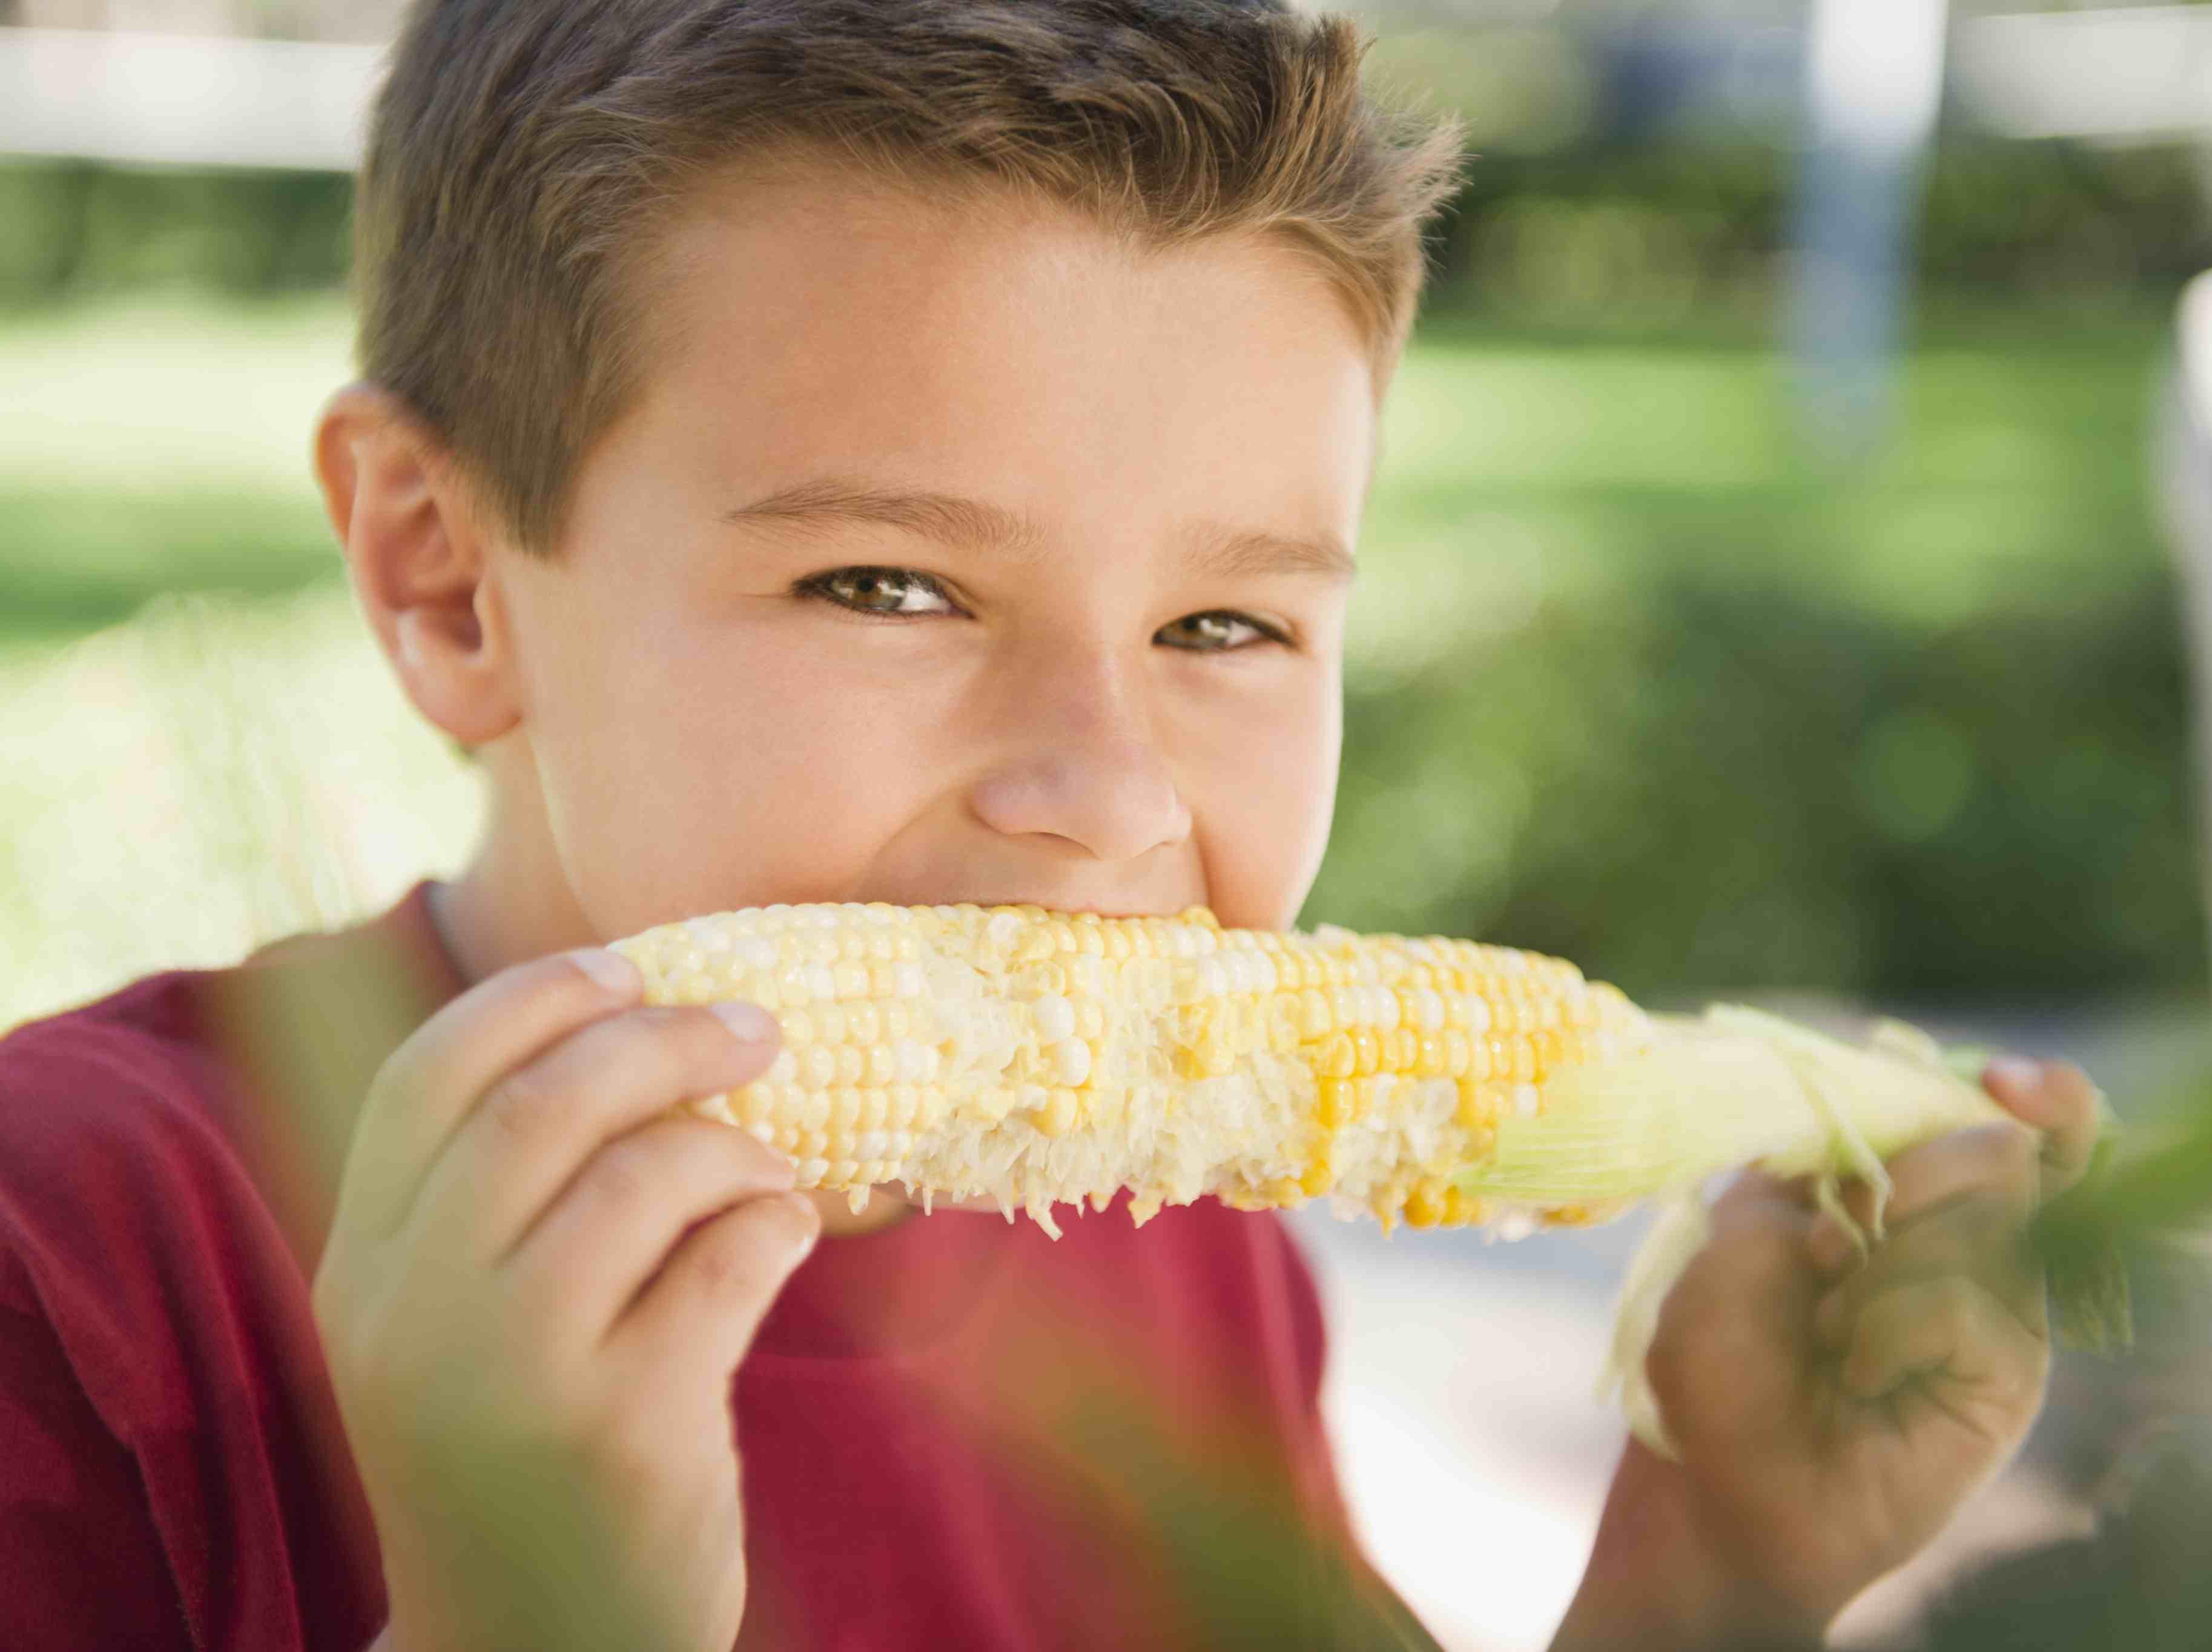 Los niños necesitan de 1 a 1.5 tazas de vegetales todos los días.